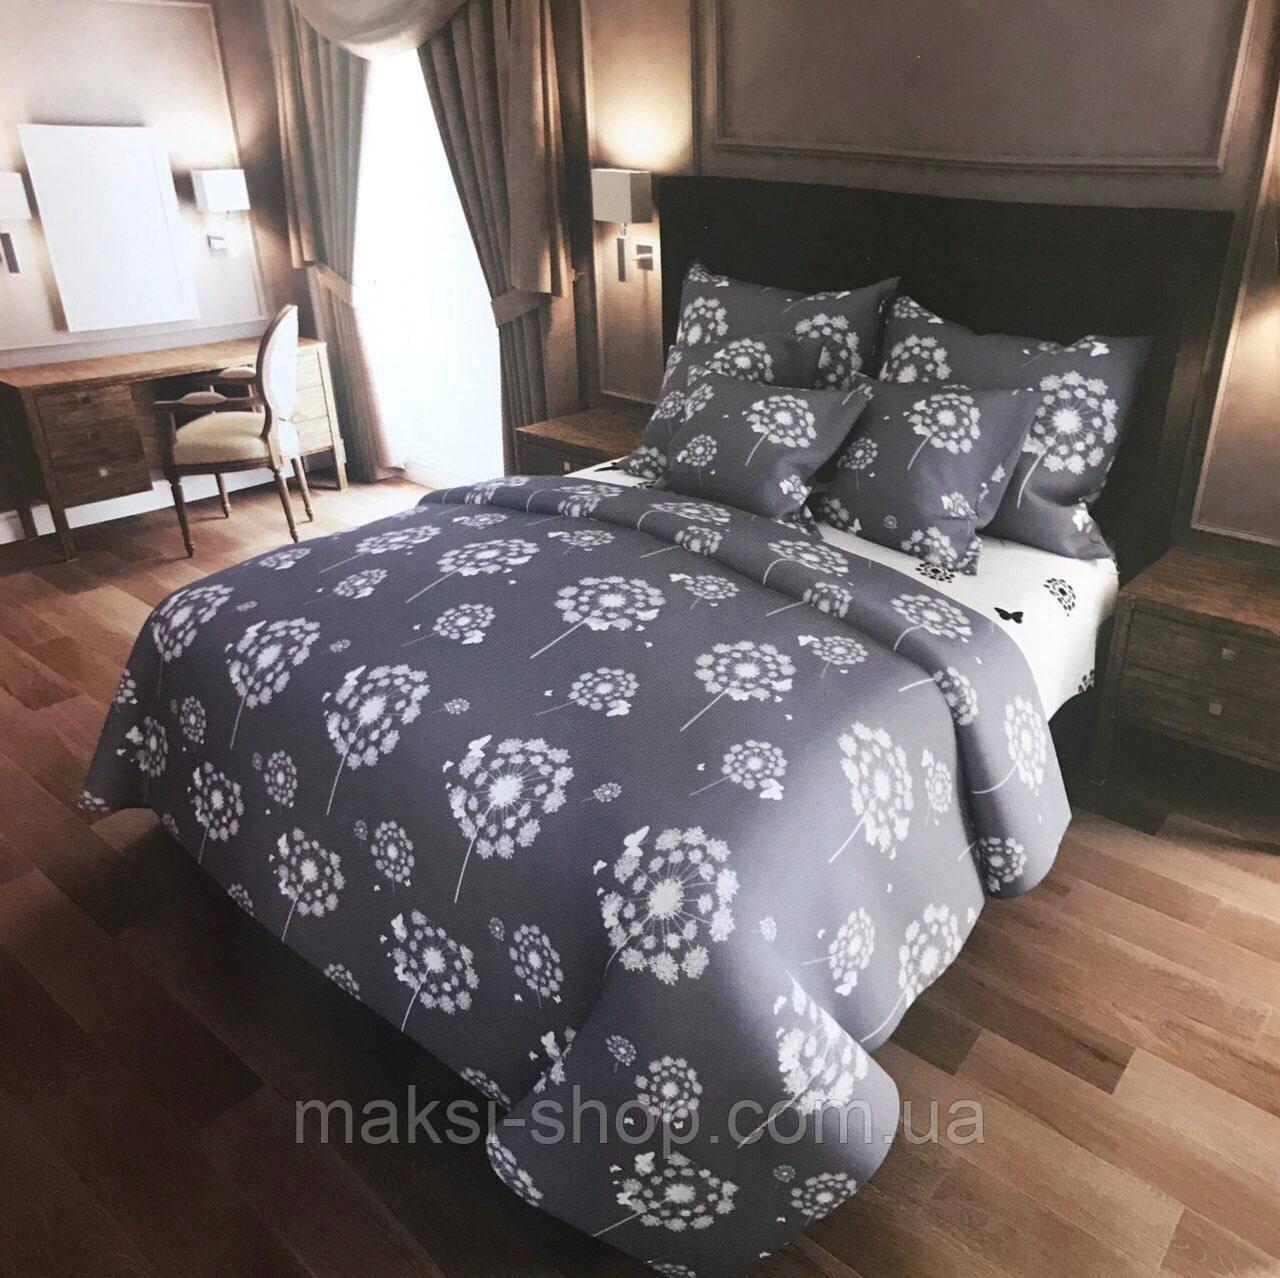 Комплект семейного постельного белья бязь голд (С-0302)